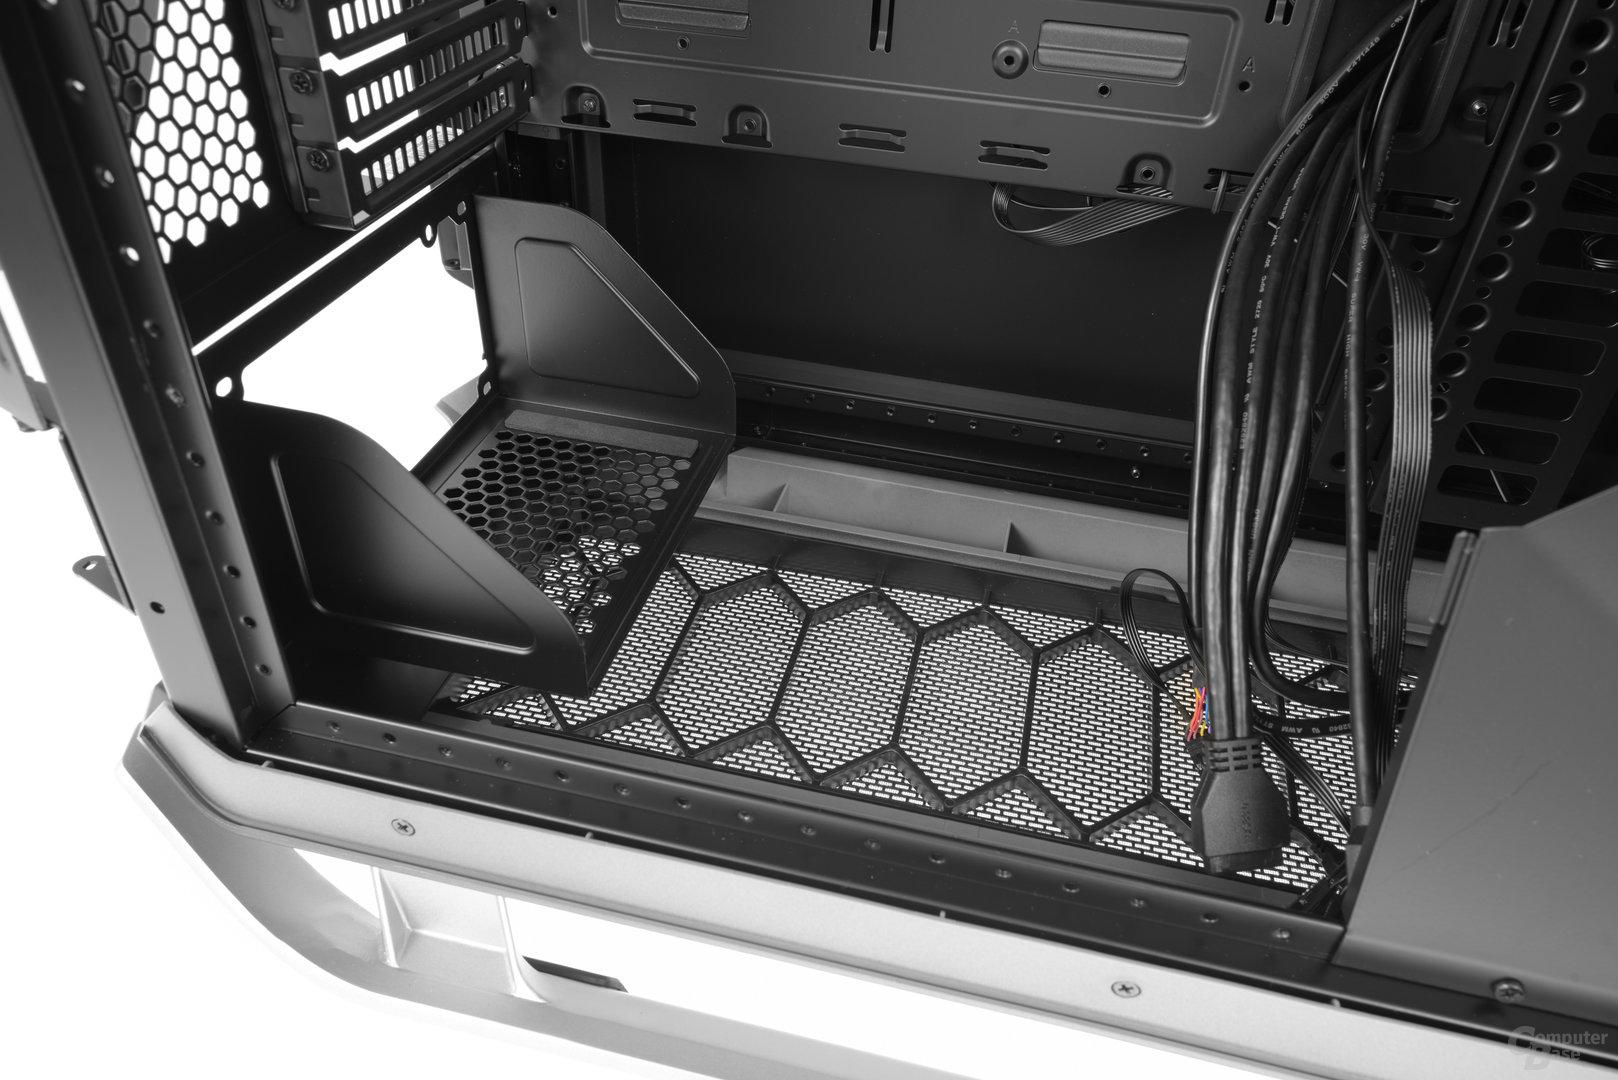 Cooler Master Cosmos C700P – Das Netzteil nimmt seinen Platz auf einem modularen Bracket ein